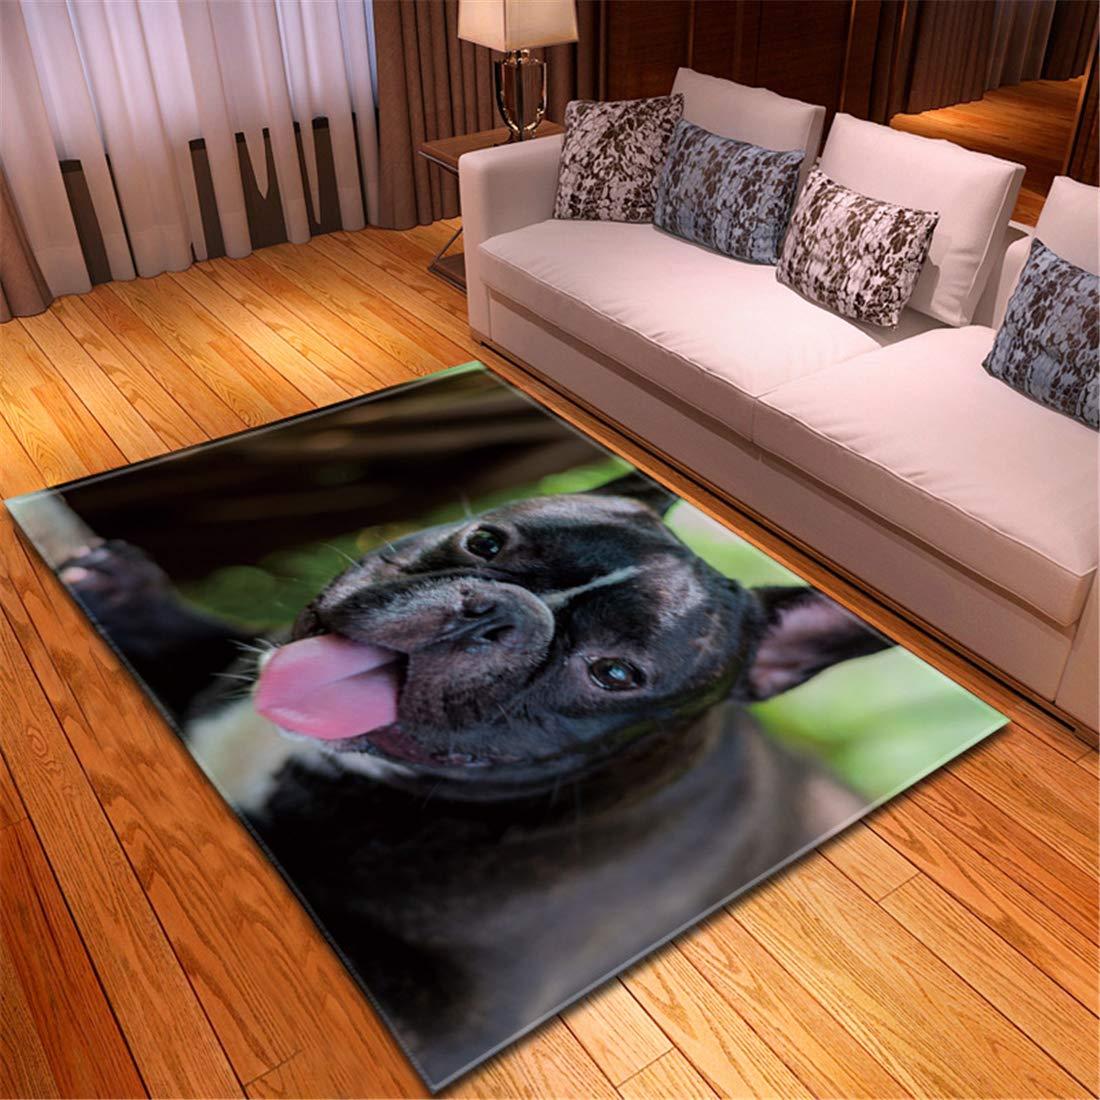 丸型ラグ リーフ 竹ラグマットカーペット洗濯150x210cm孟ペット猫犬ペットカーペット装飾マット滑り止めマット洗濯機で洗えます長方形ポリエステル B07RMDTVKH l19011245 150x210cm